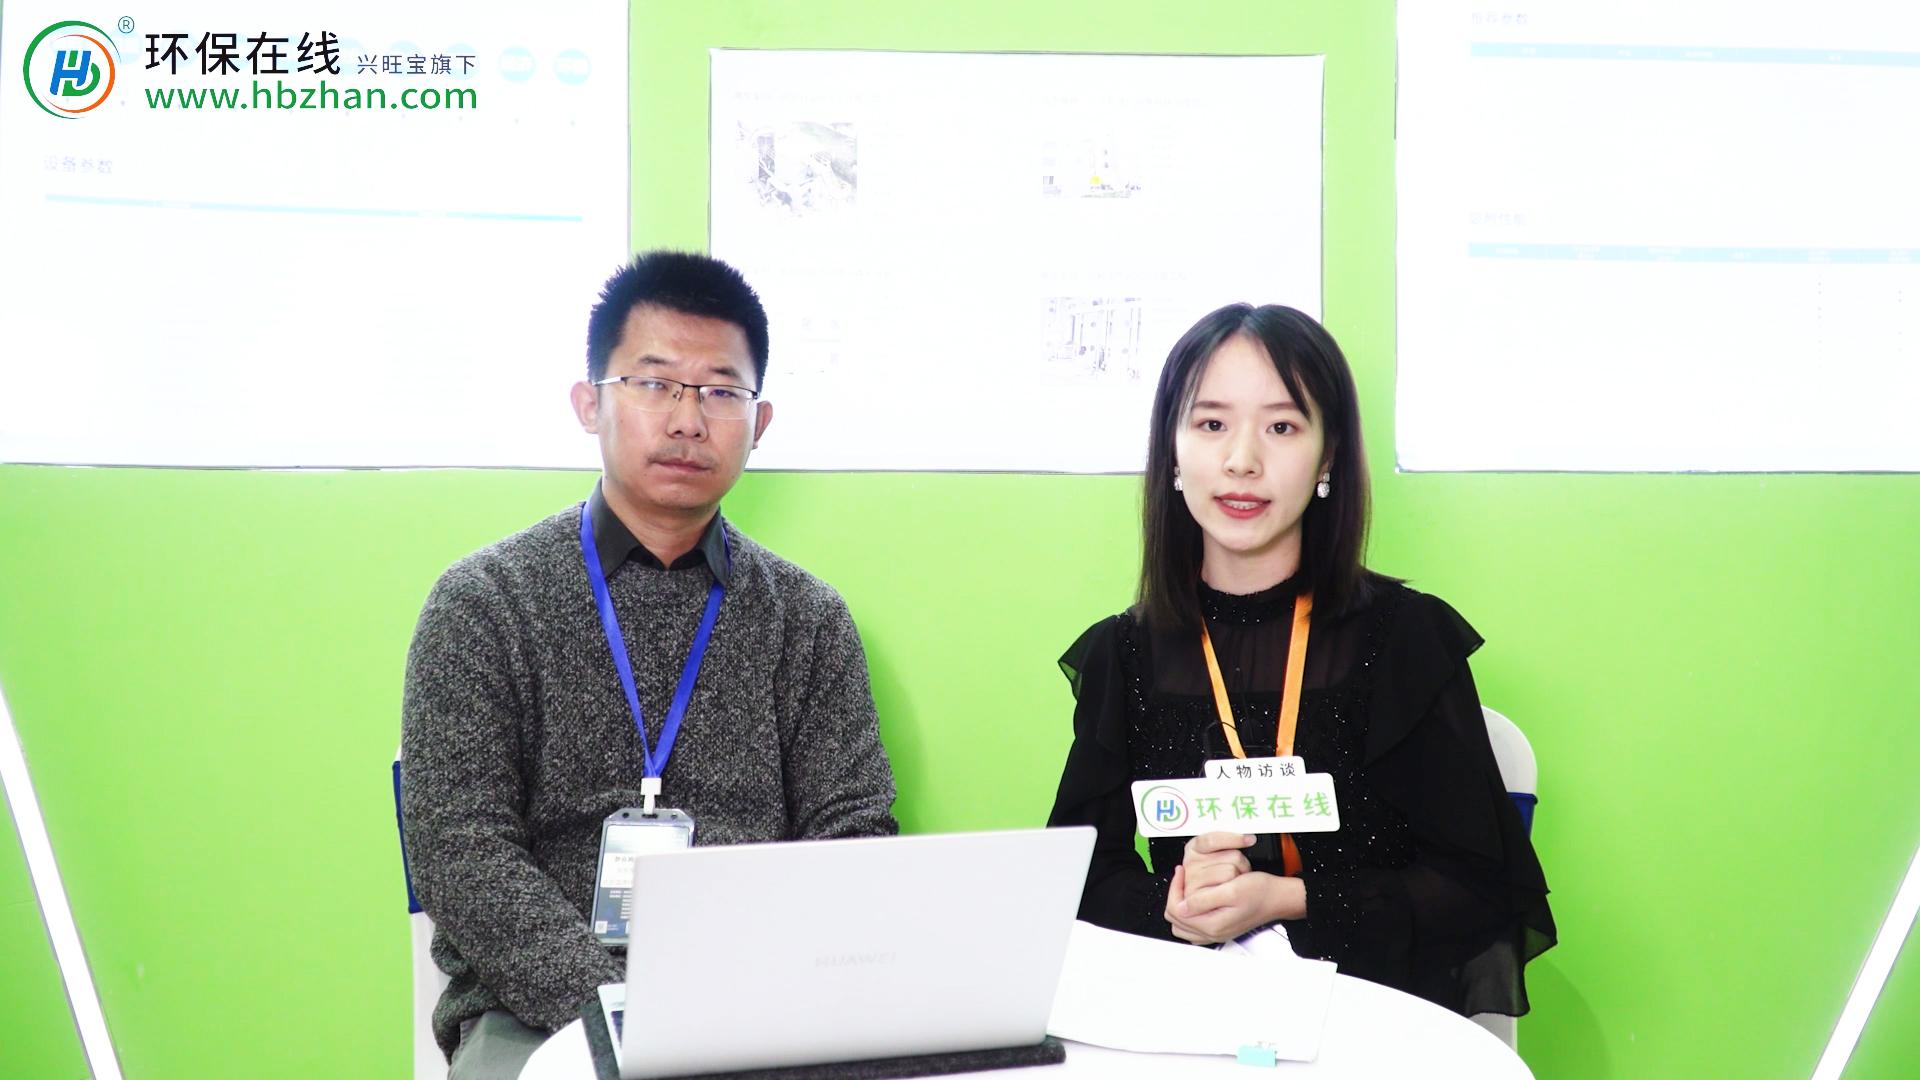 专访:北京泷涛环境科技有限公司史东军博士